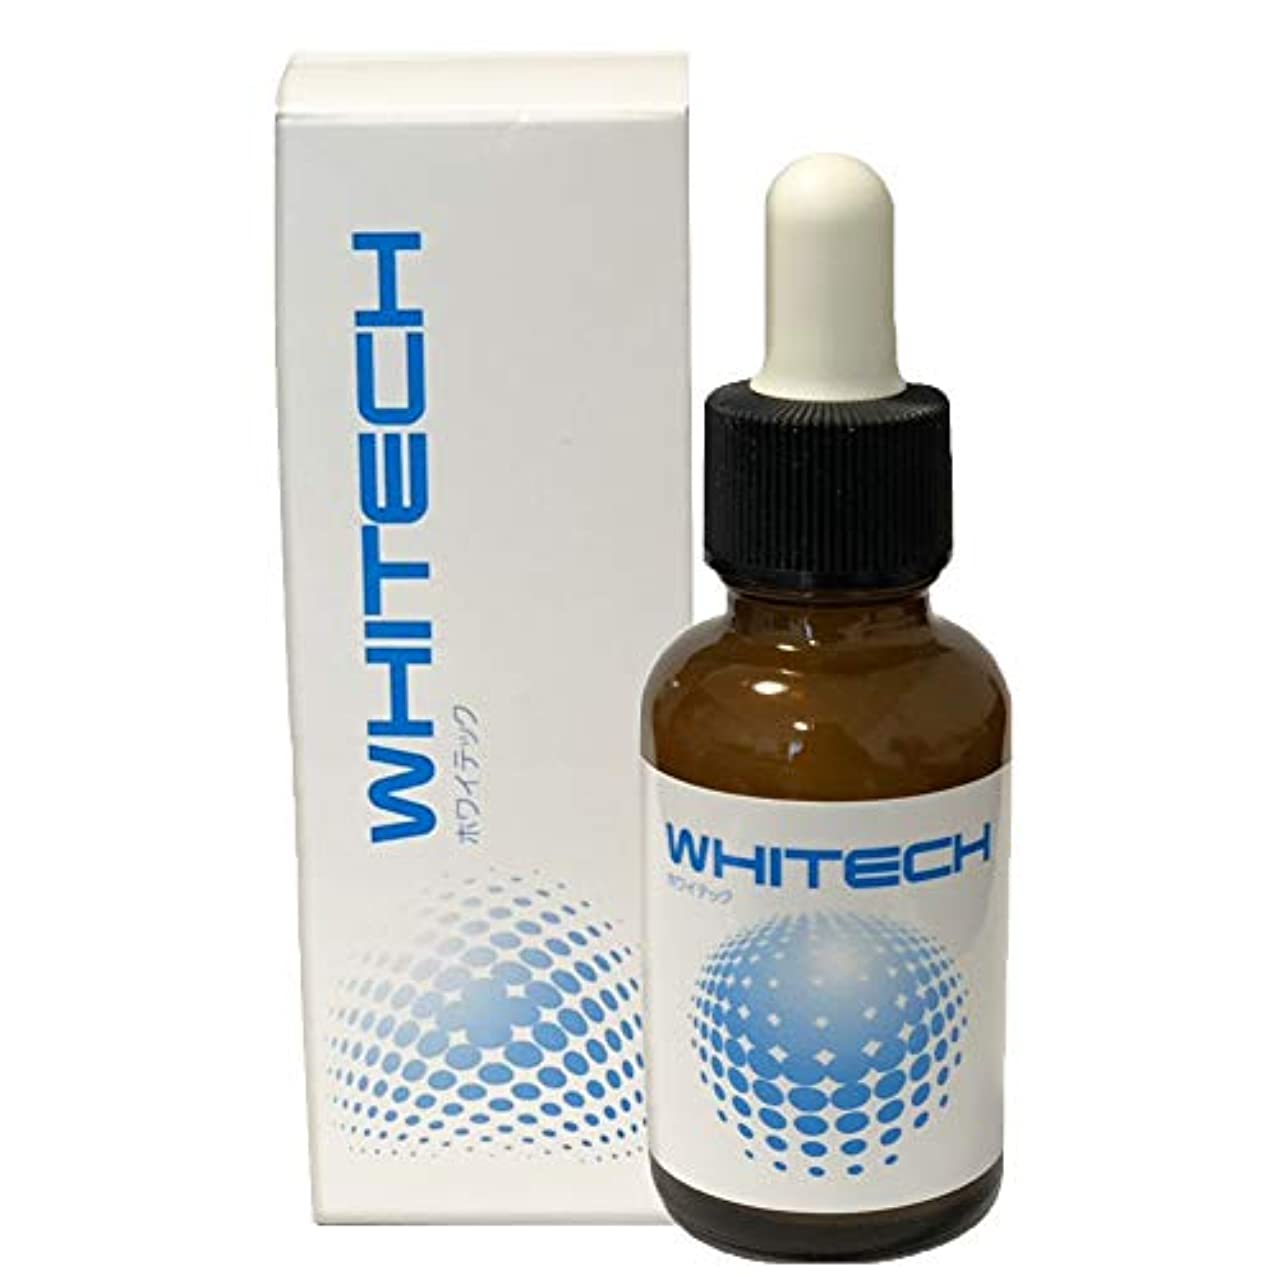 繁栄する範囲アボート【医薬部外品】WHITECH -ホワイテック- 薬用ホワイトニングジェル 歯磨きジェル